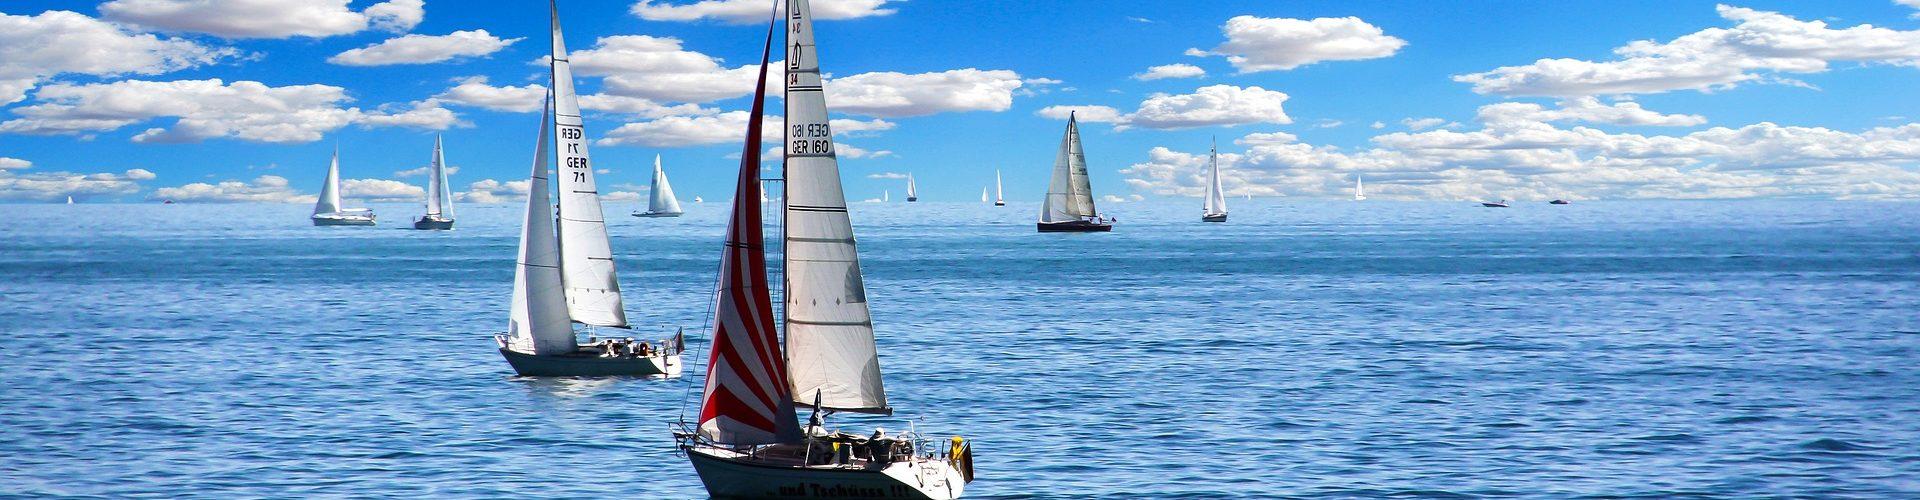 segeln lernen in Wildeshausen segelschein machen in Wildeshausen 1920x500 - Segeln lernen in Wildeshausen